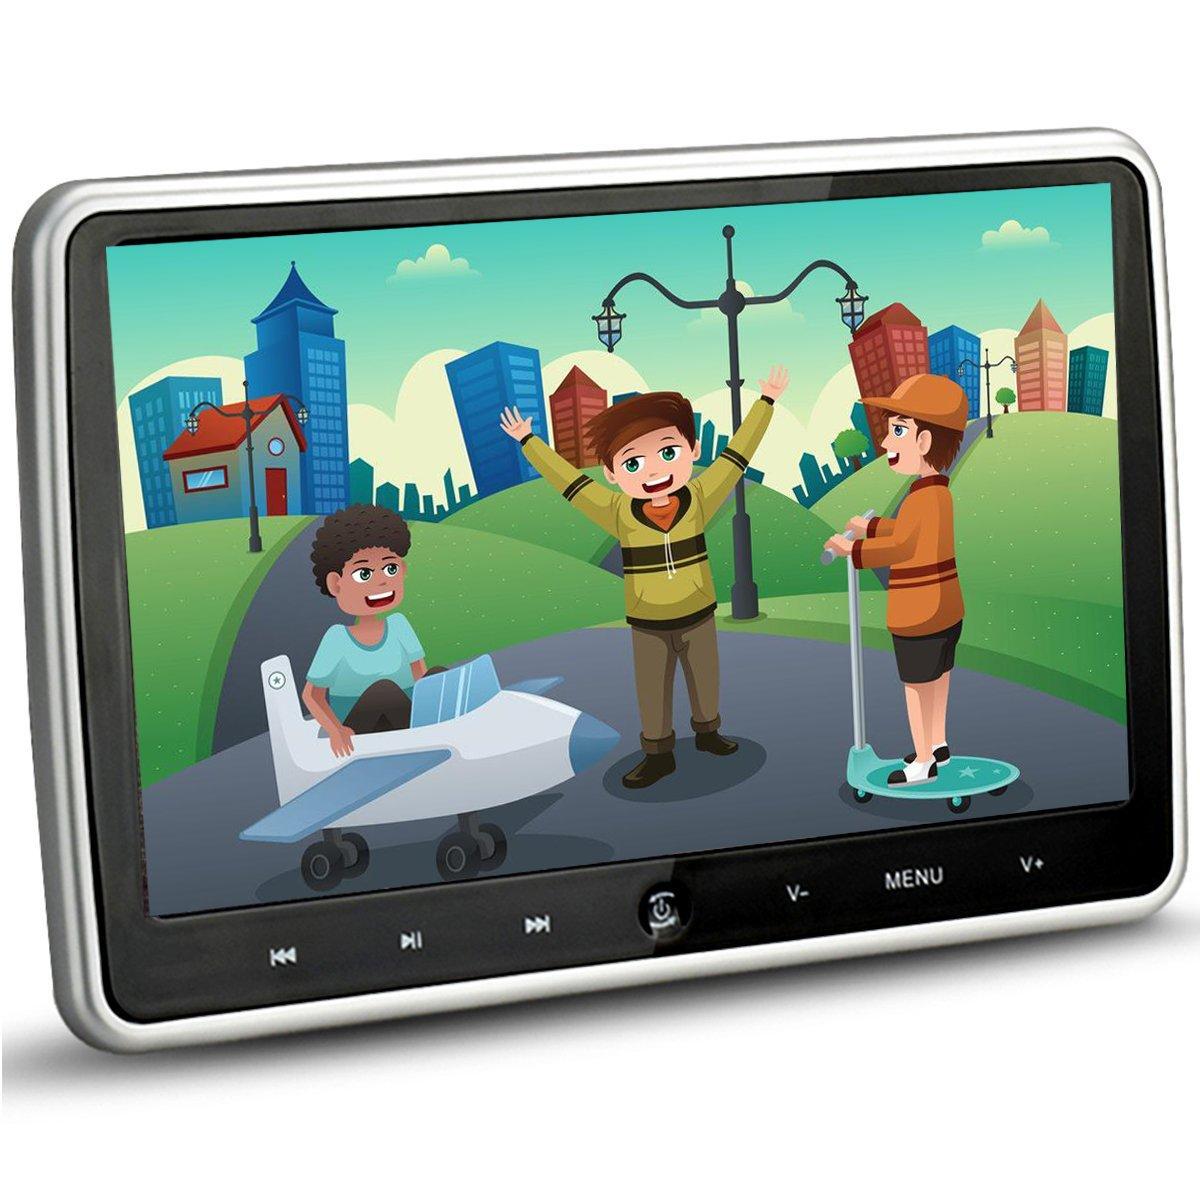 10.1 Inch HD 1024 x 600 HDMI USB SD IR/FM Ultra Thin Digital Touch Key LCD Screen Car DVD Player Headrest Monitor by Hengweili